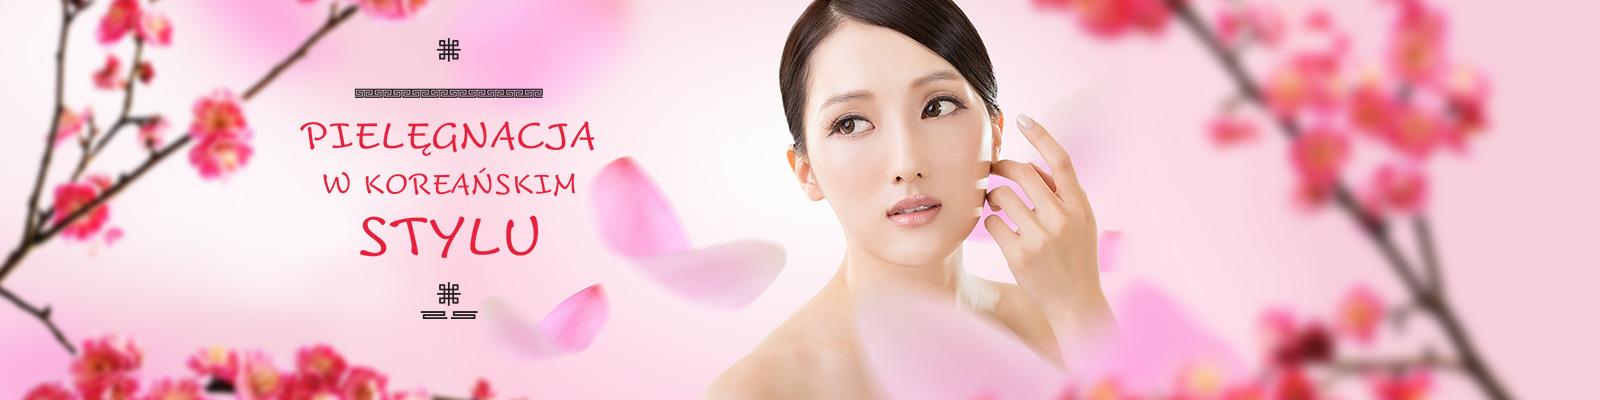 Koreańskie kosmetyki na Allegro - sekrety azjatyckiego piękna